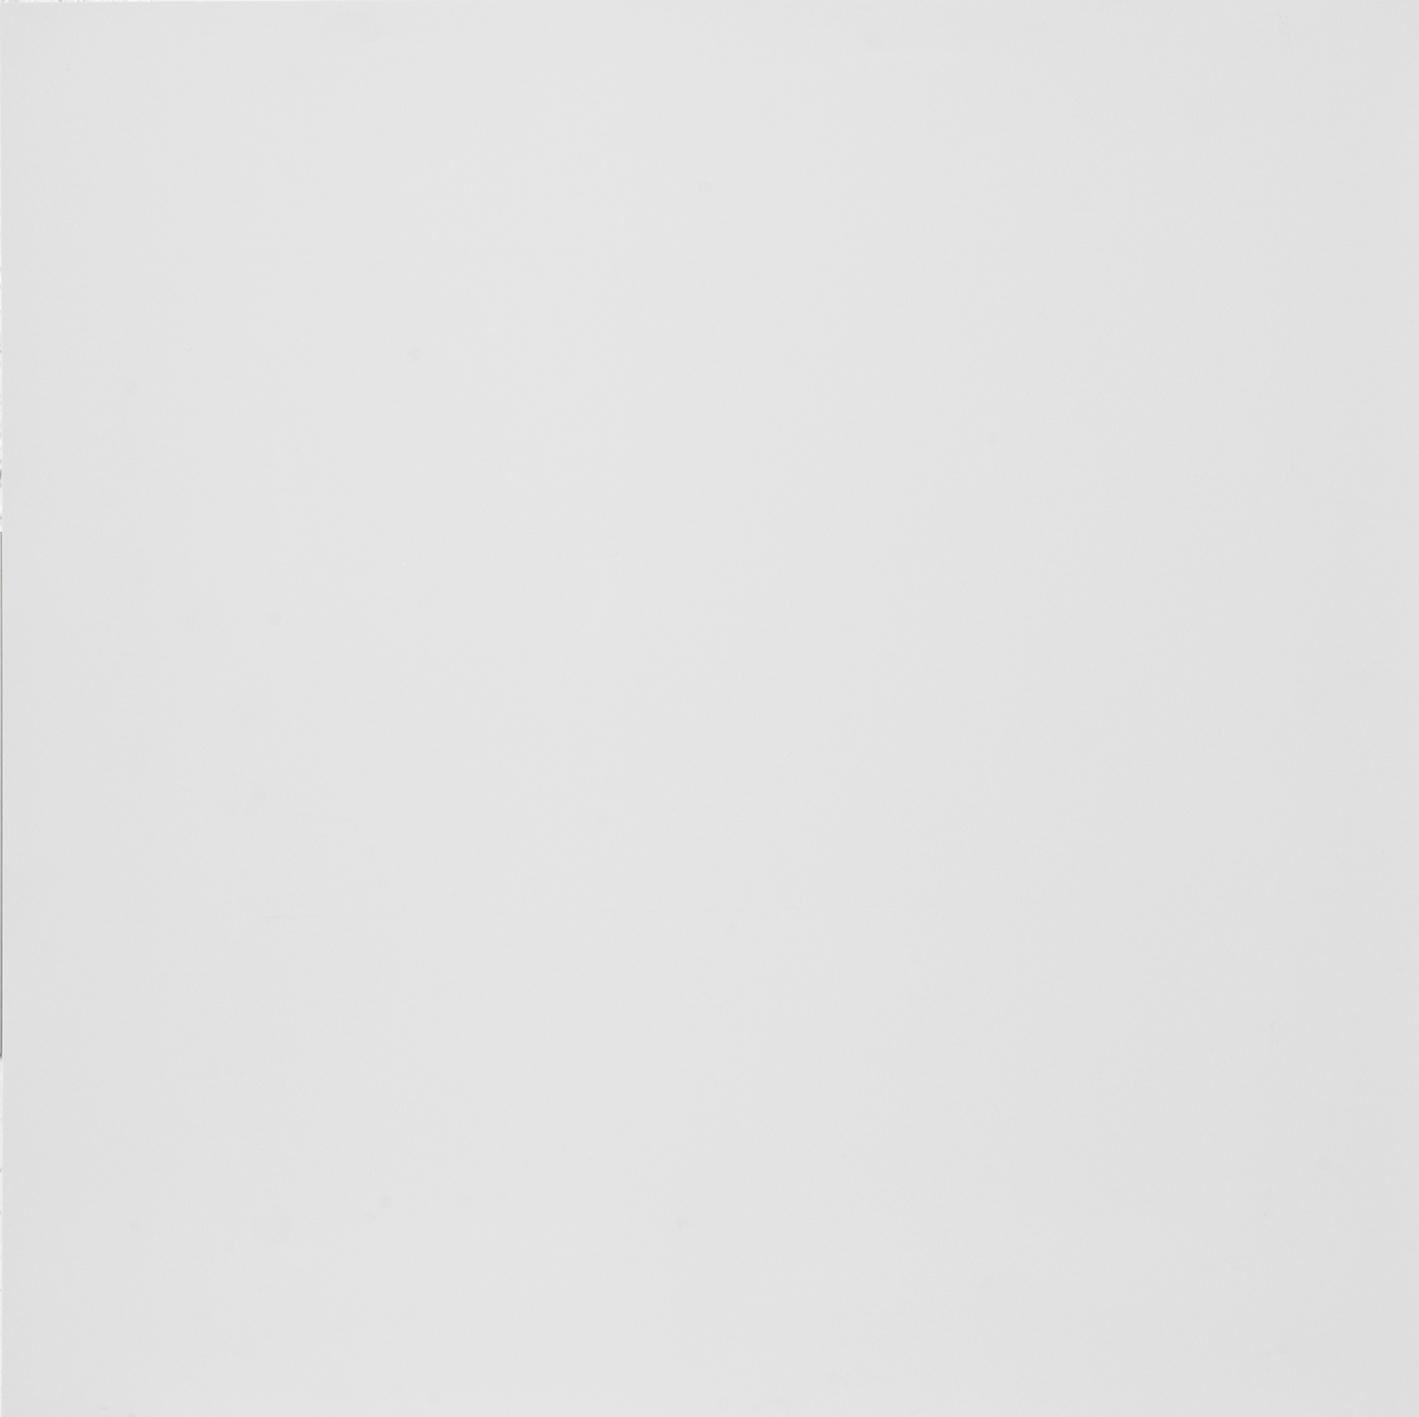 Neutral Blanco Natural białe płytki podłogowe matowe do salonu i łazienki